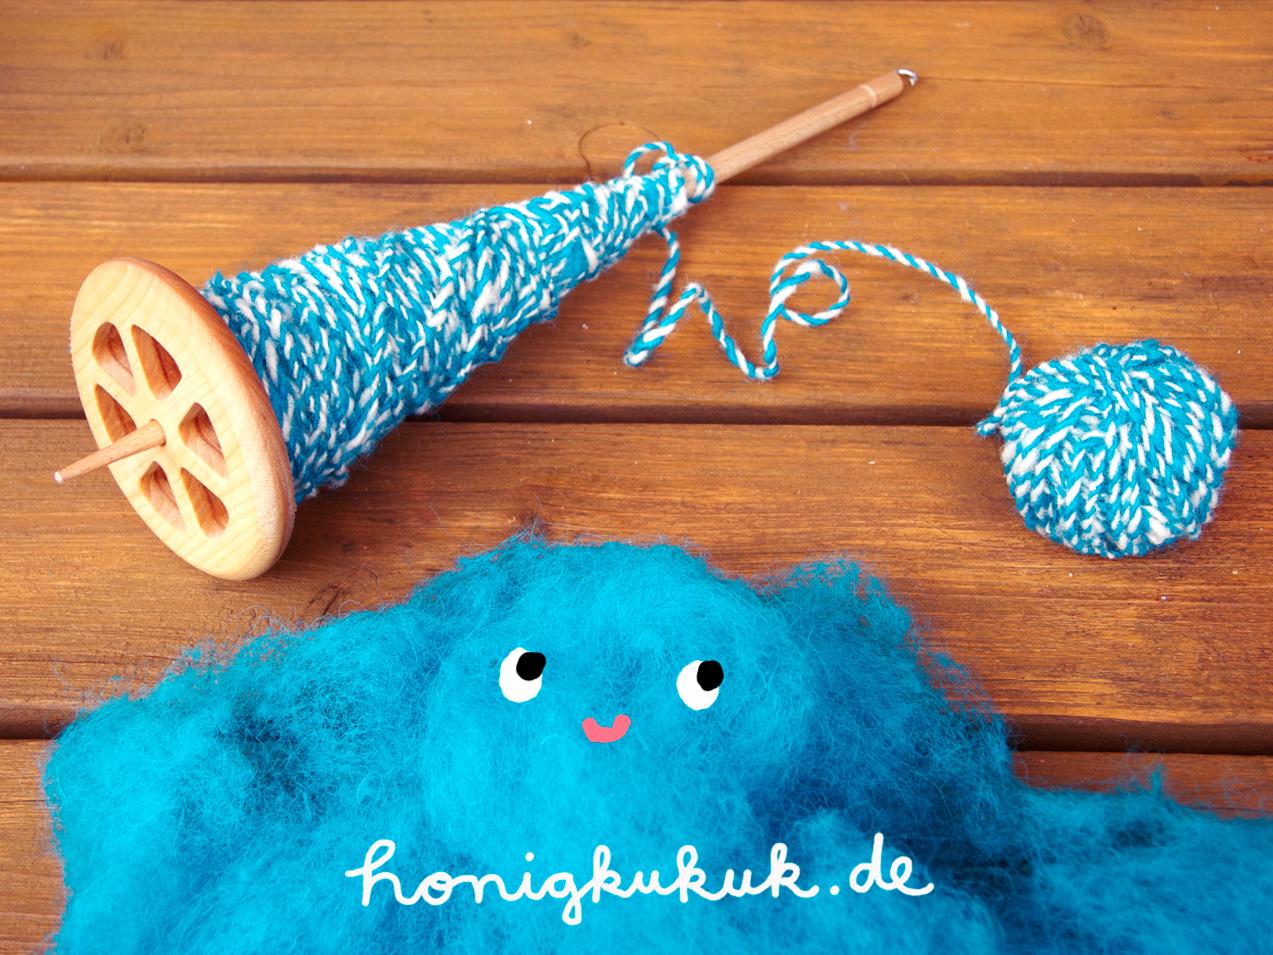 Handspindel und Wolle